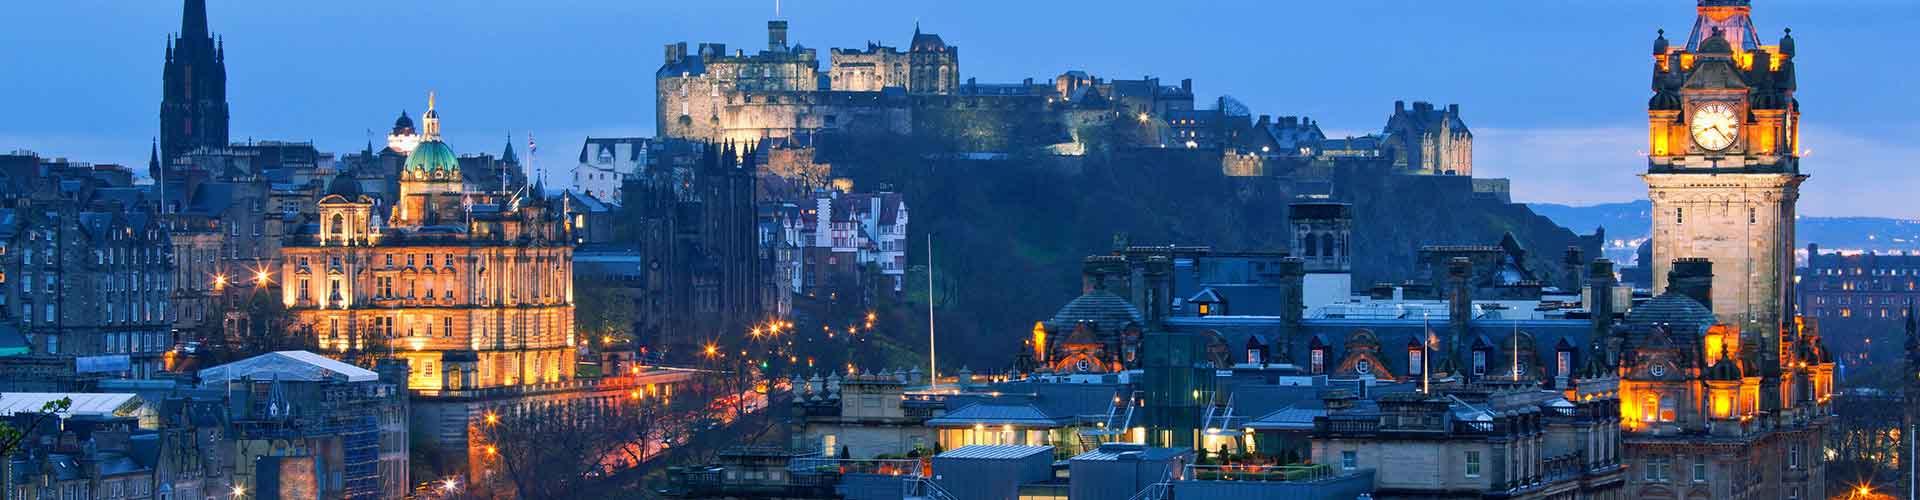 Edimbourg - Hôtels dans le quartier de Lorne. Cartes pour Edimbourg, photos et commentaires pour chaque hôtel à Edimbourg.